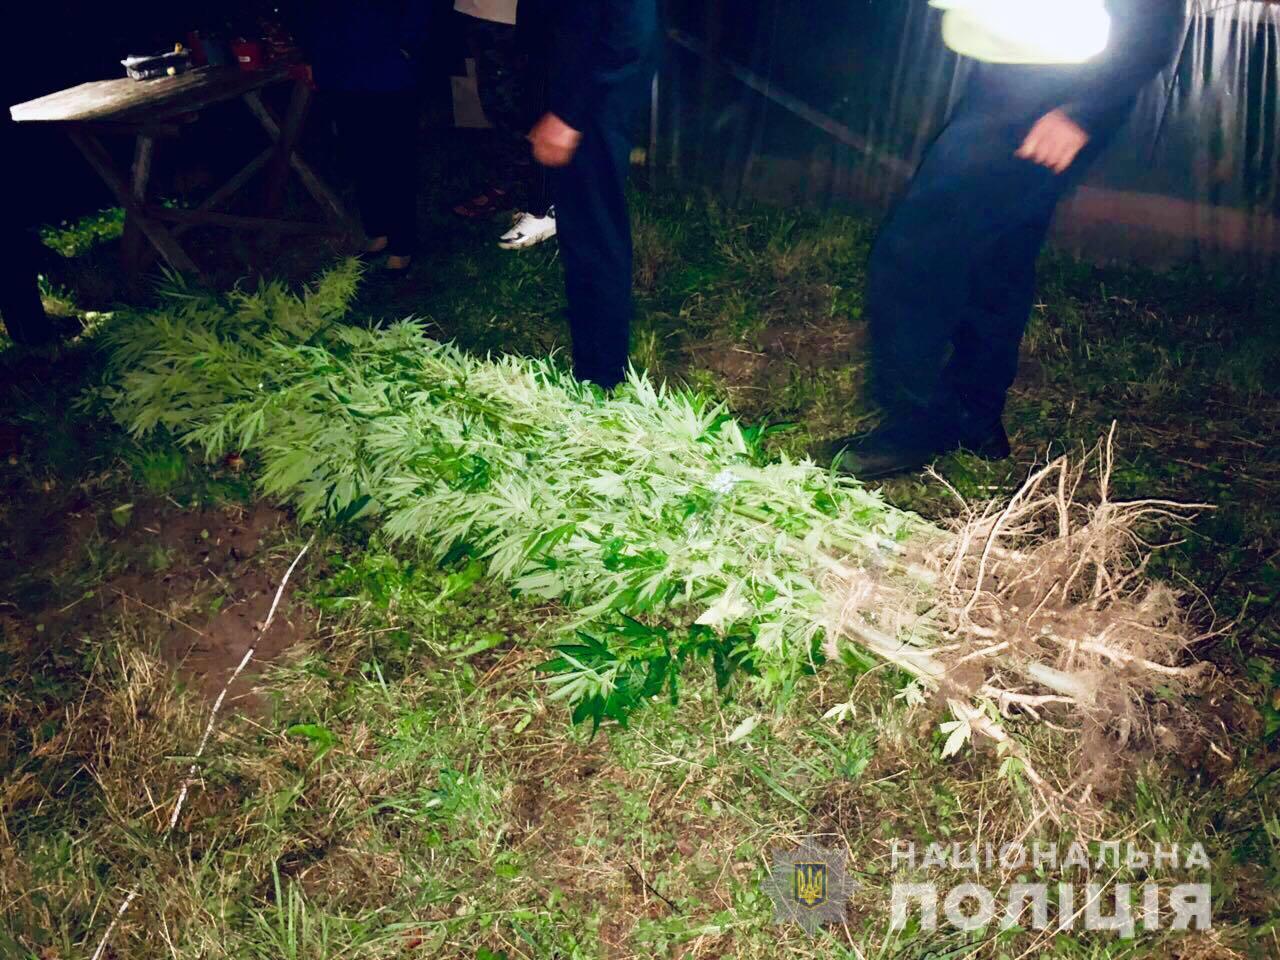 """Результат пошуку зображень за запитом """"Поліція Косівщини викрила чоловіка, який на території господарства вирощував коноплю"""""""